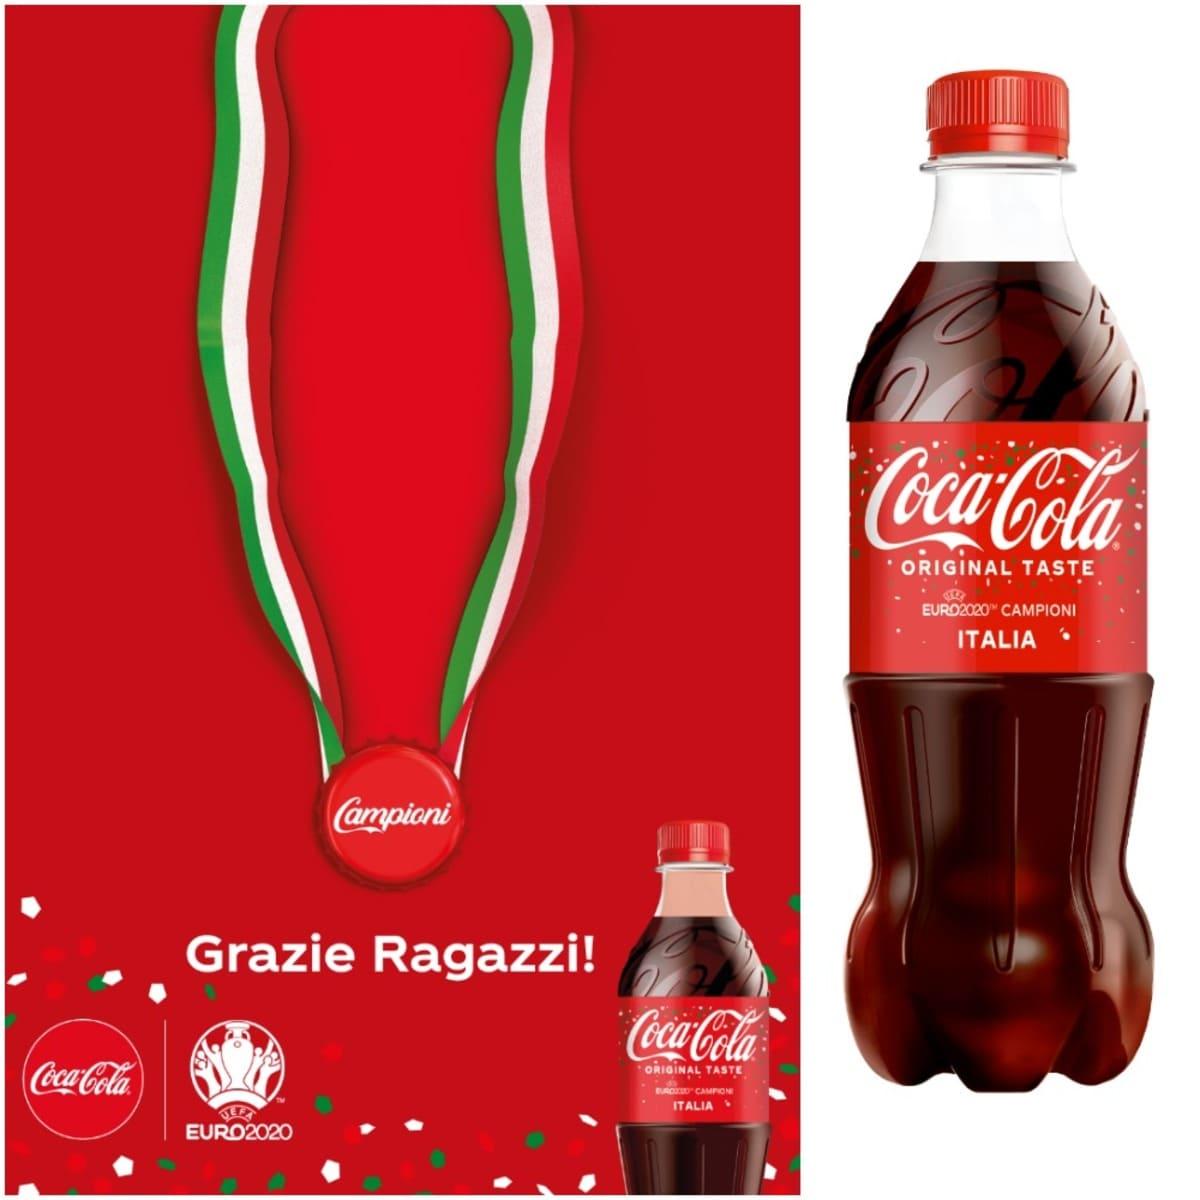 Coca-Cola celebra la Nazionale italiana vincitrice UEFA EURO 2020